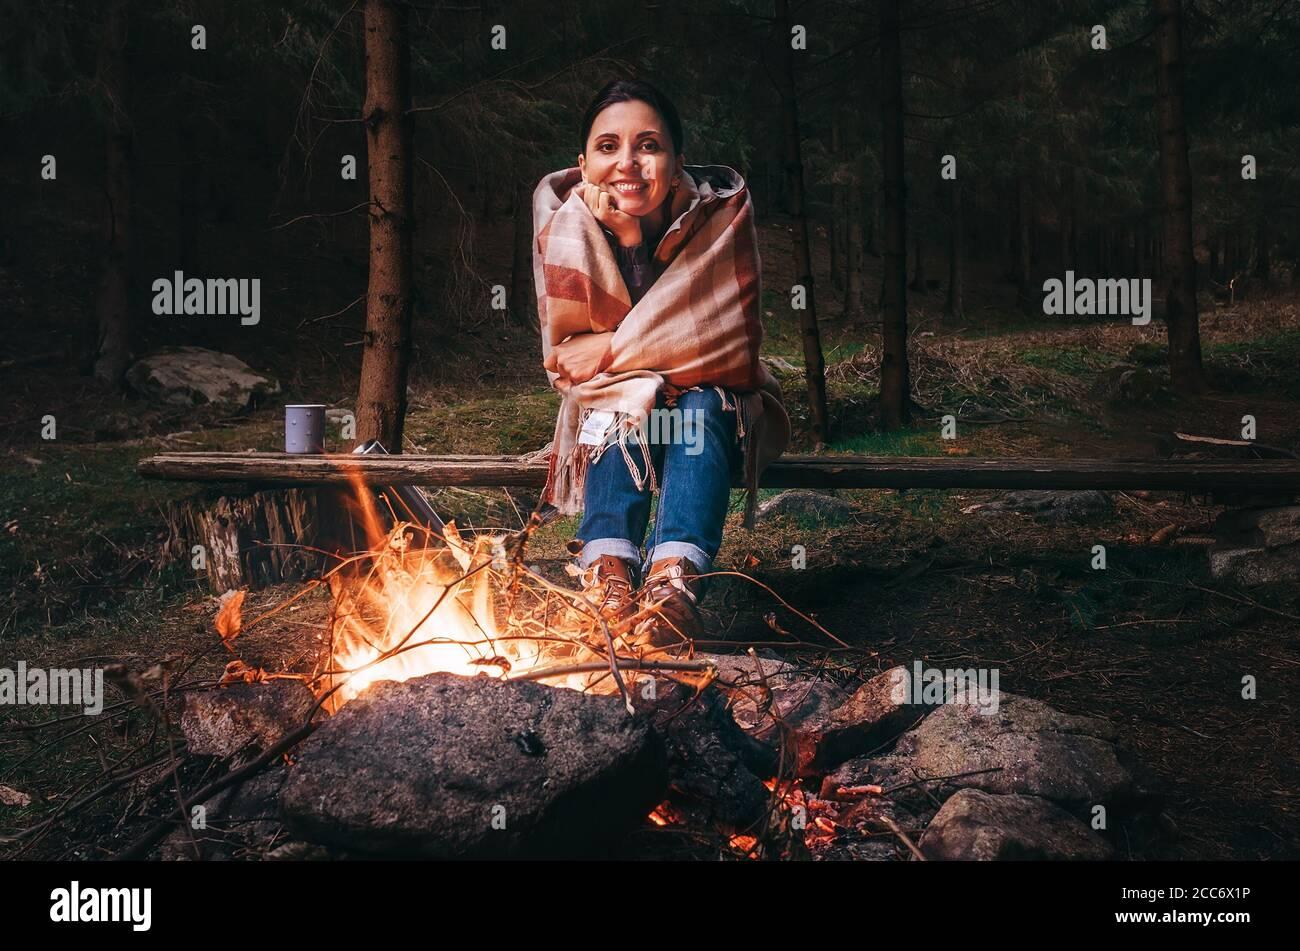 Hübsche lächelnde junge Frau sitzt in der Dämmerung am Lagerfeuer Herbstwald Stockfoto